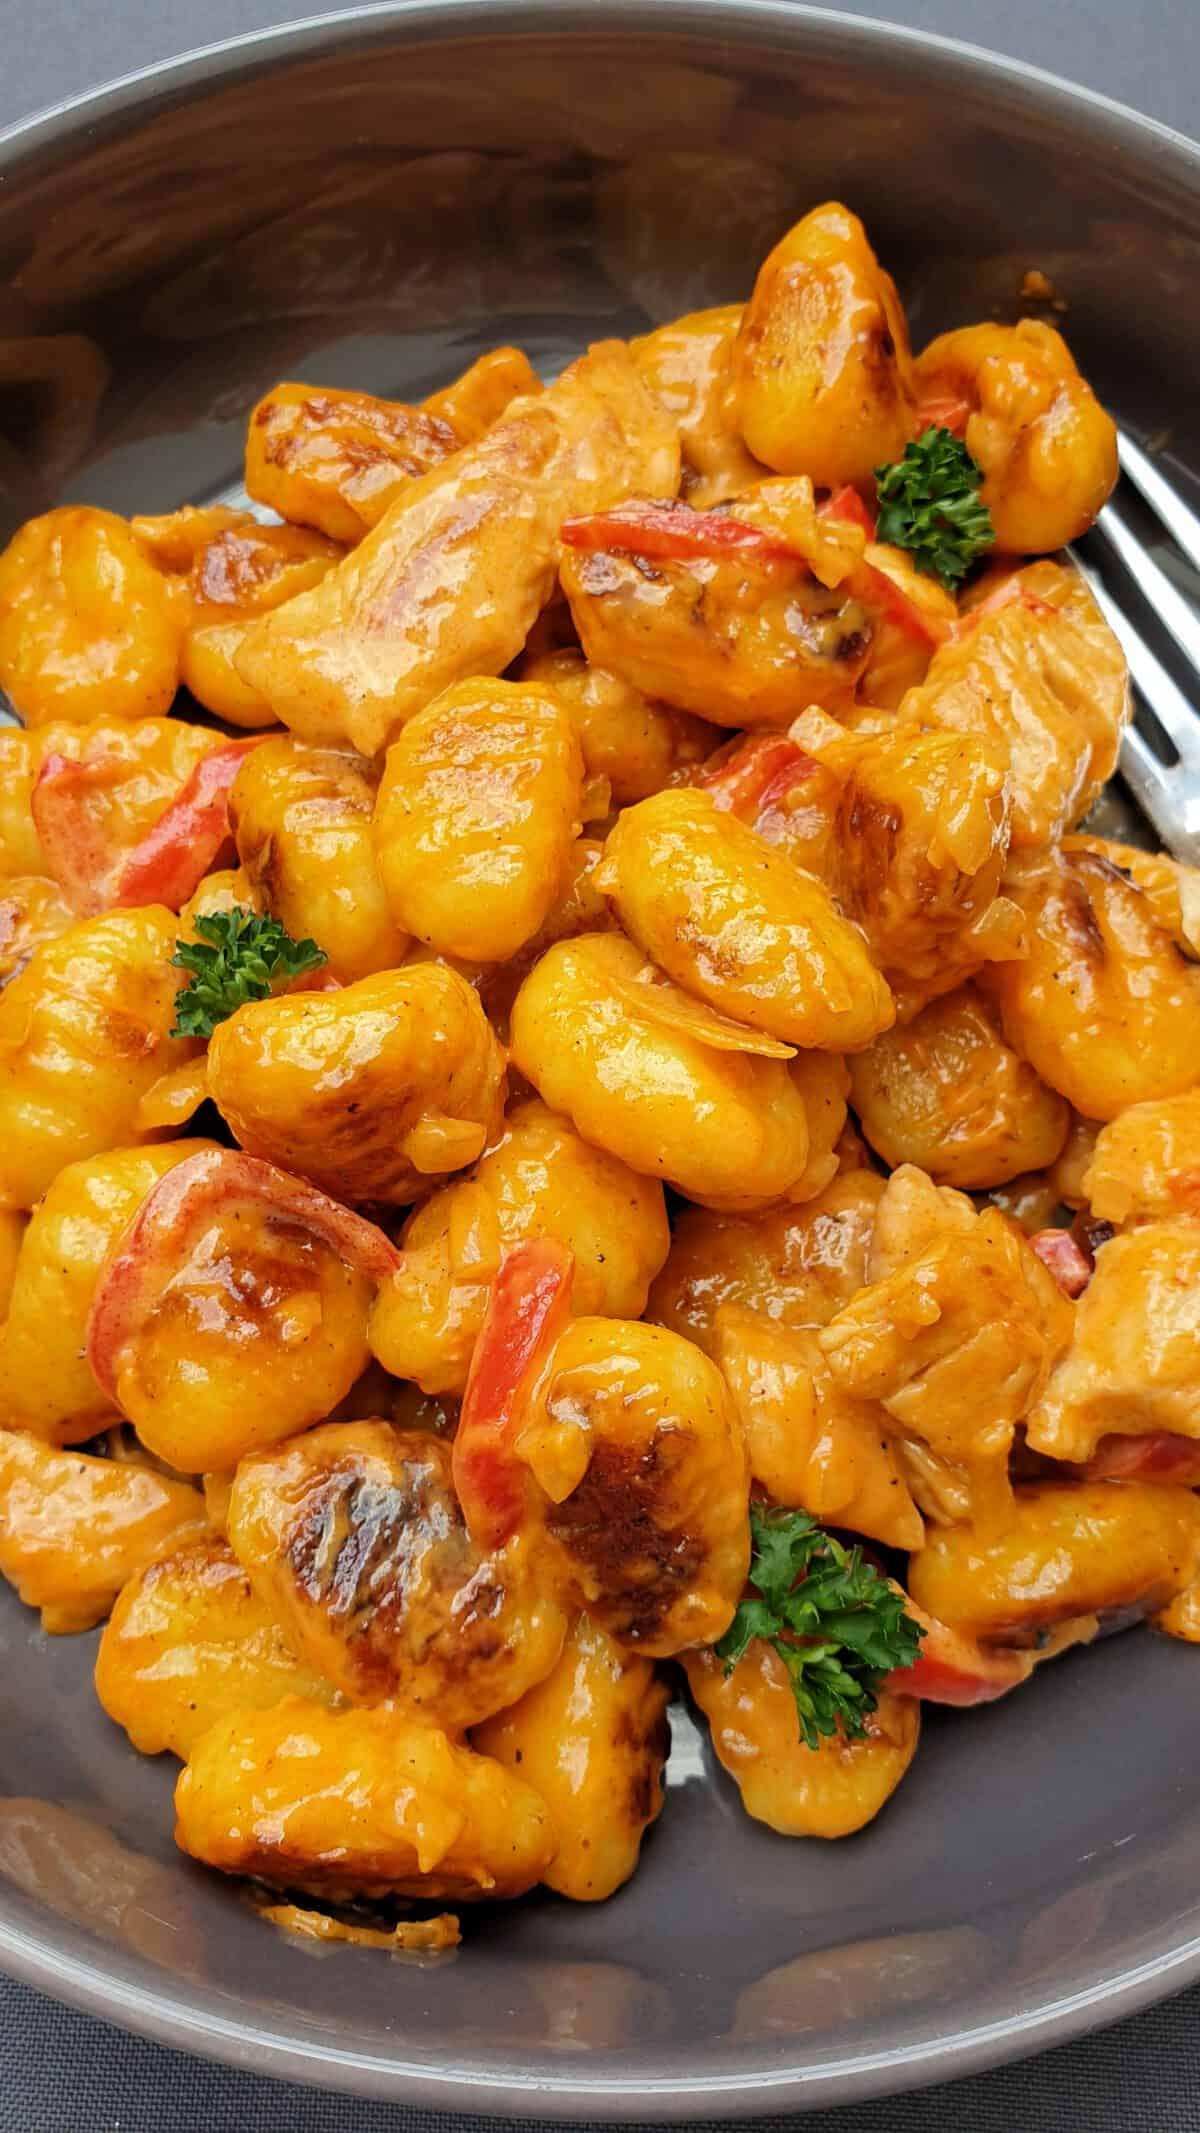 Hnocchi in cremiger Paprika-Soße mit Hähnchenstreifen.